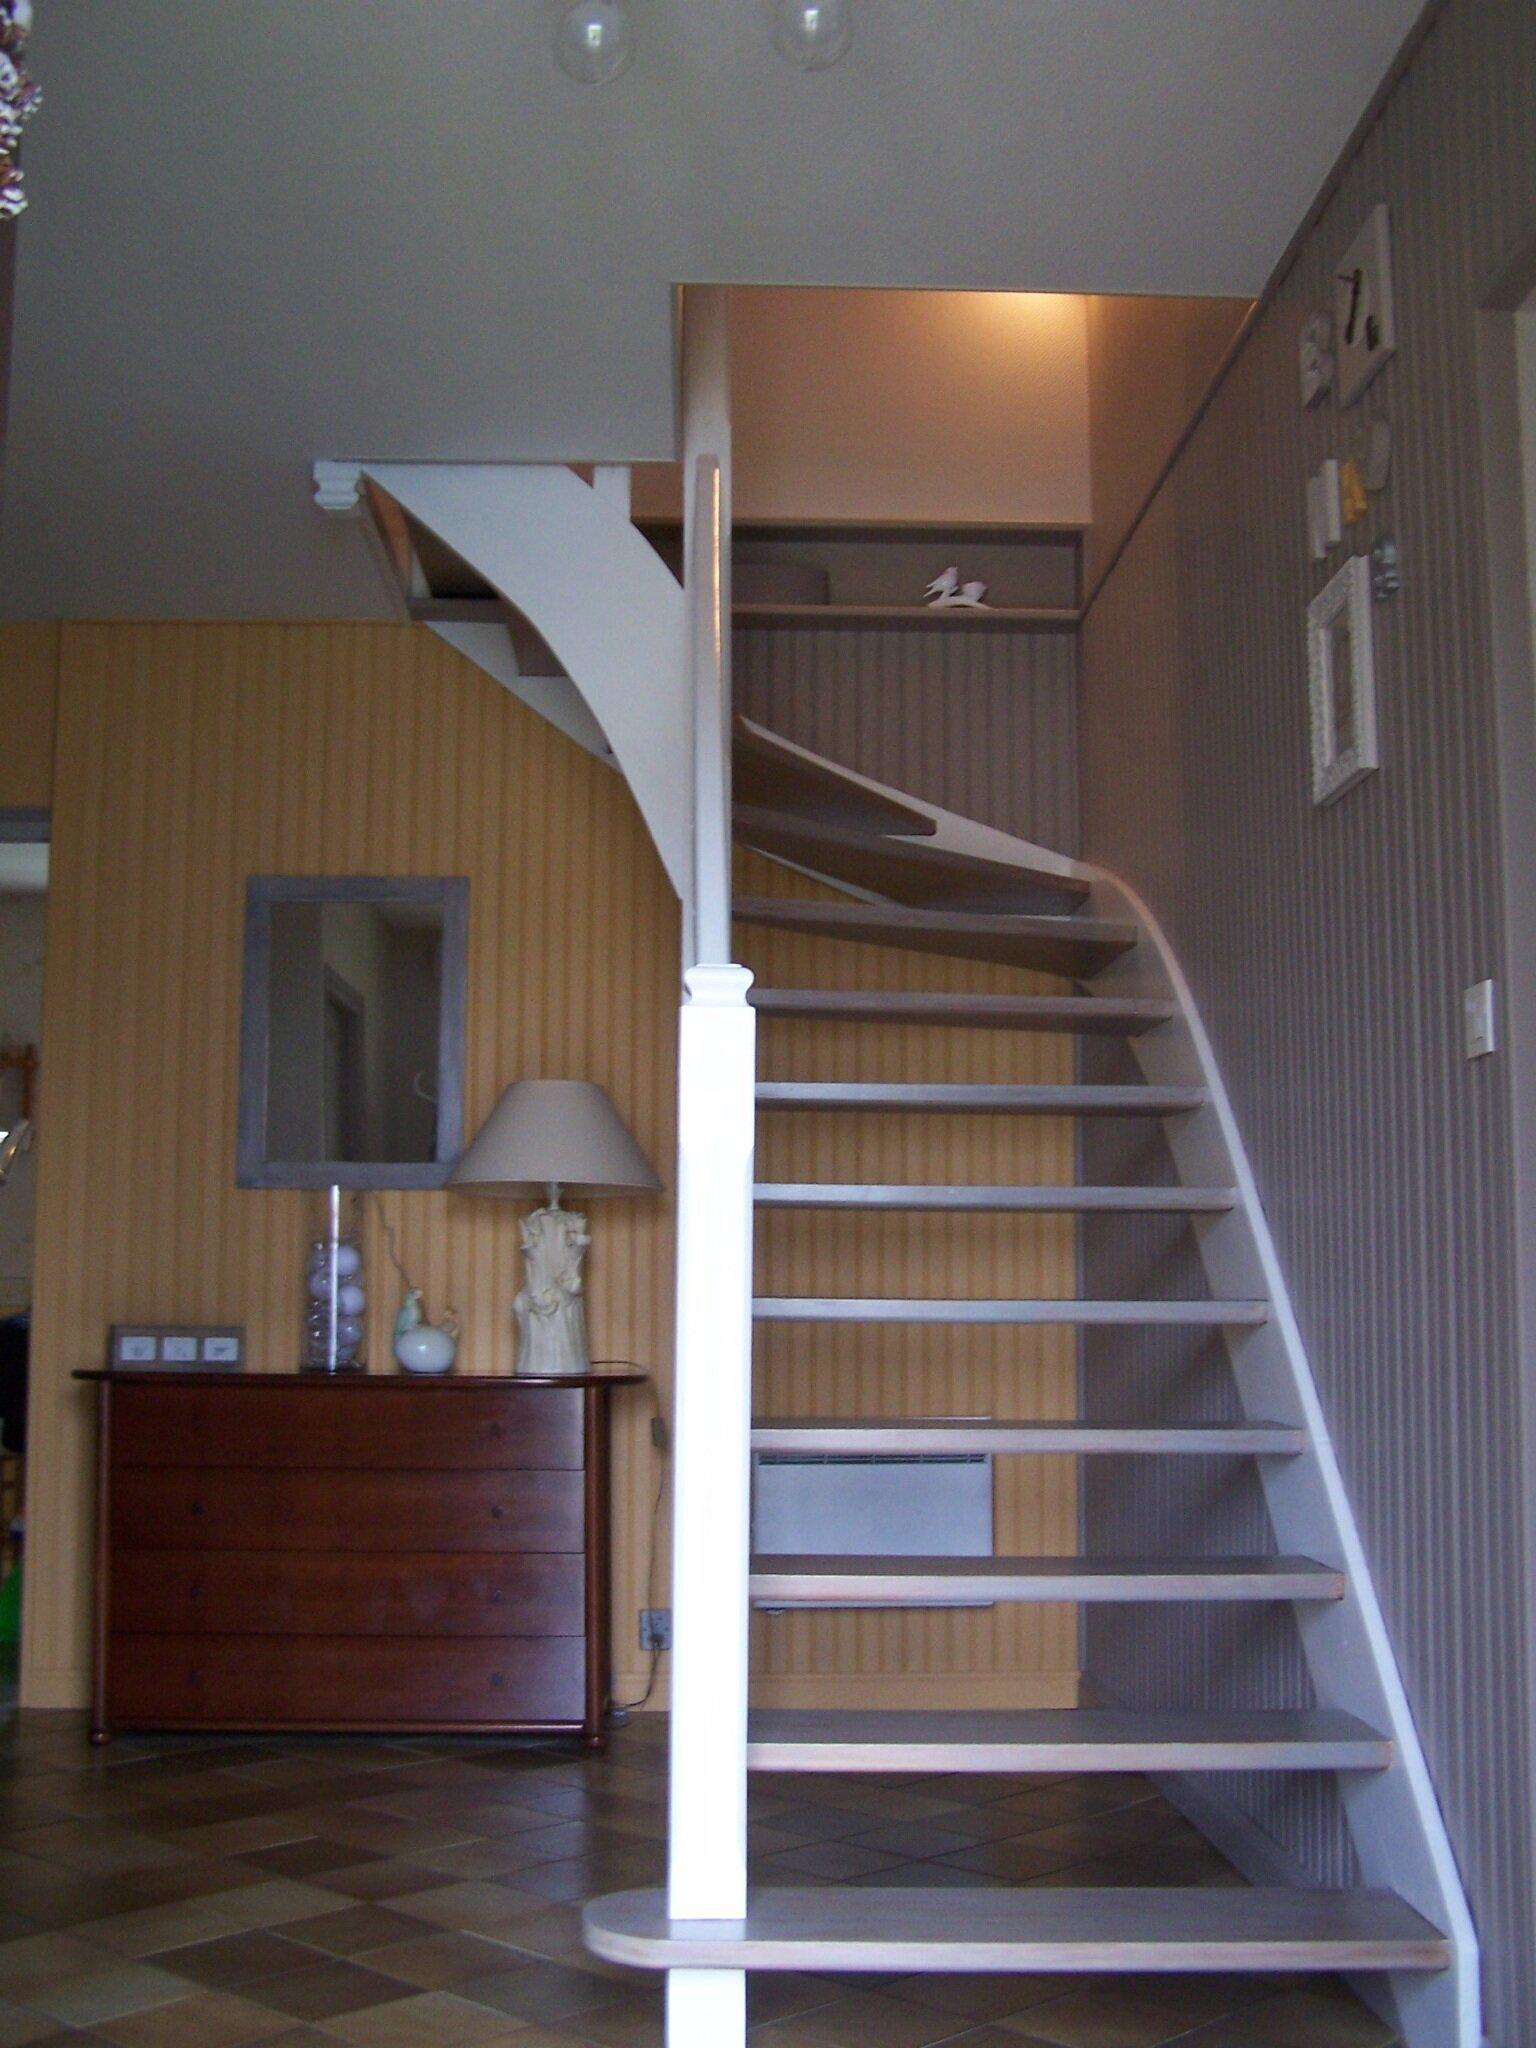 Relooking entr e avec escalier claudine br ger - Couleur hall d entree feng shui ...